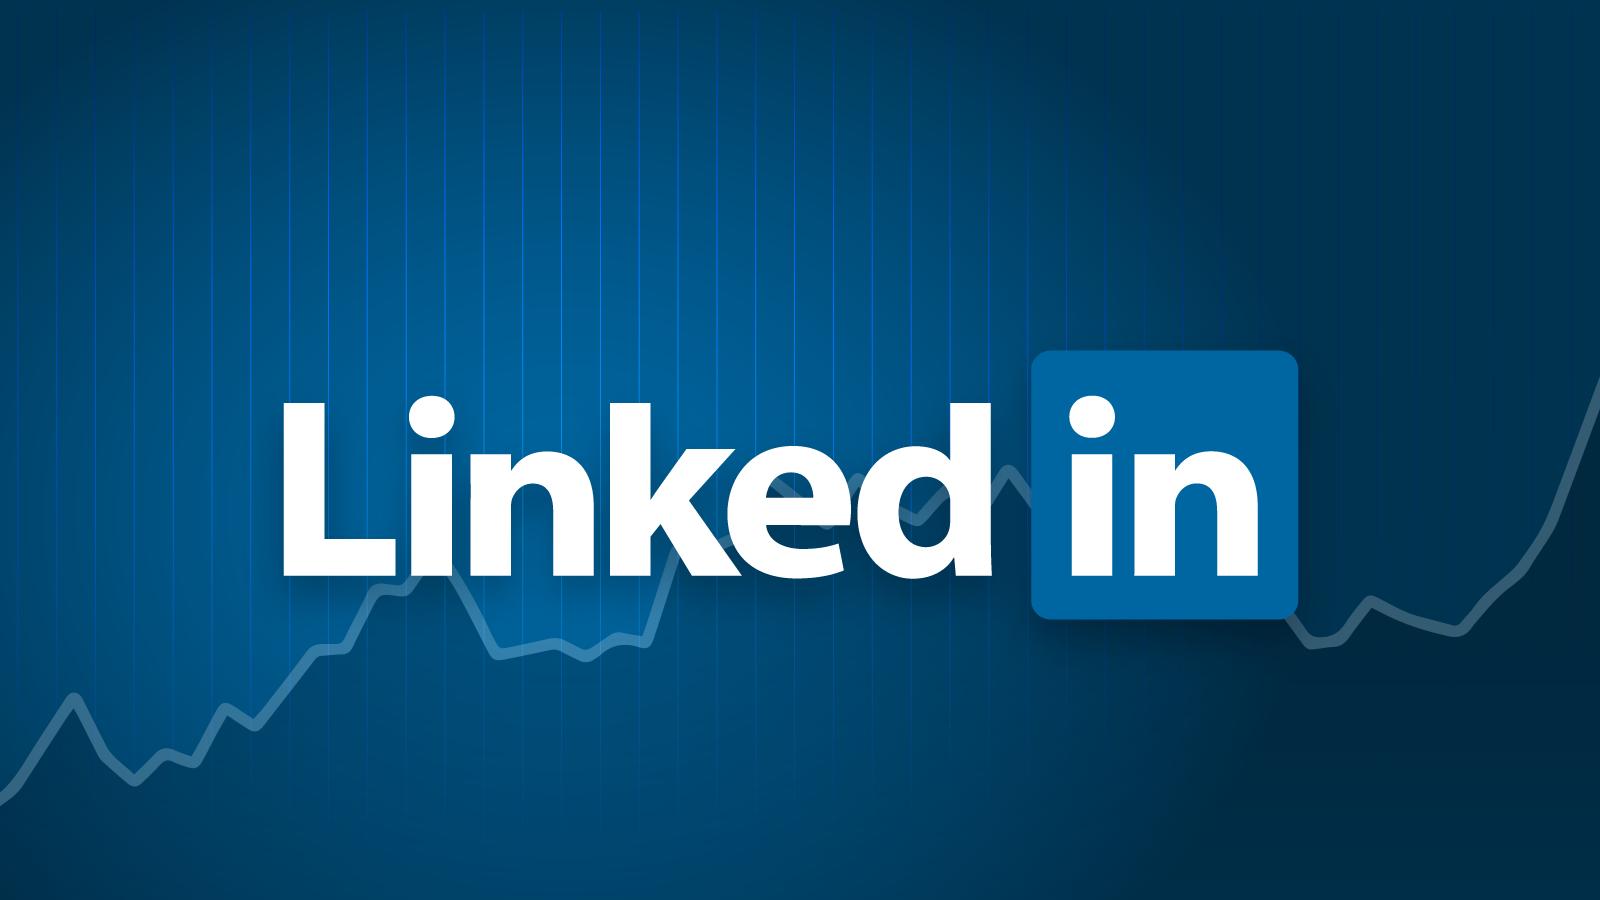 Up na carreira: conheça os 10 melhores perfis para seguir no LinkedIn